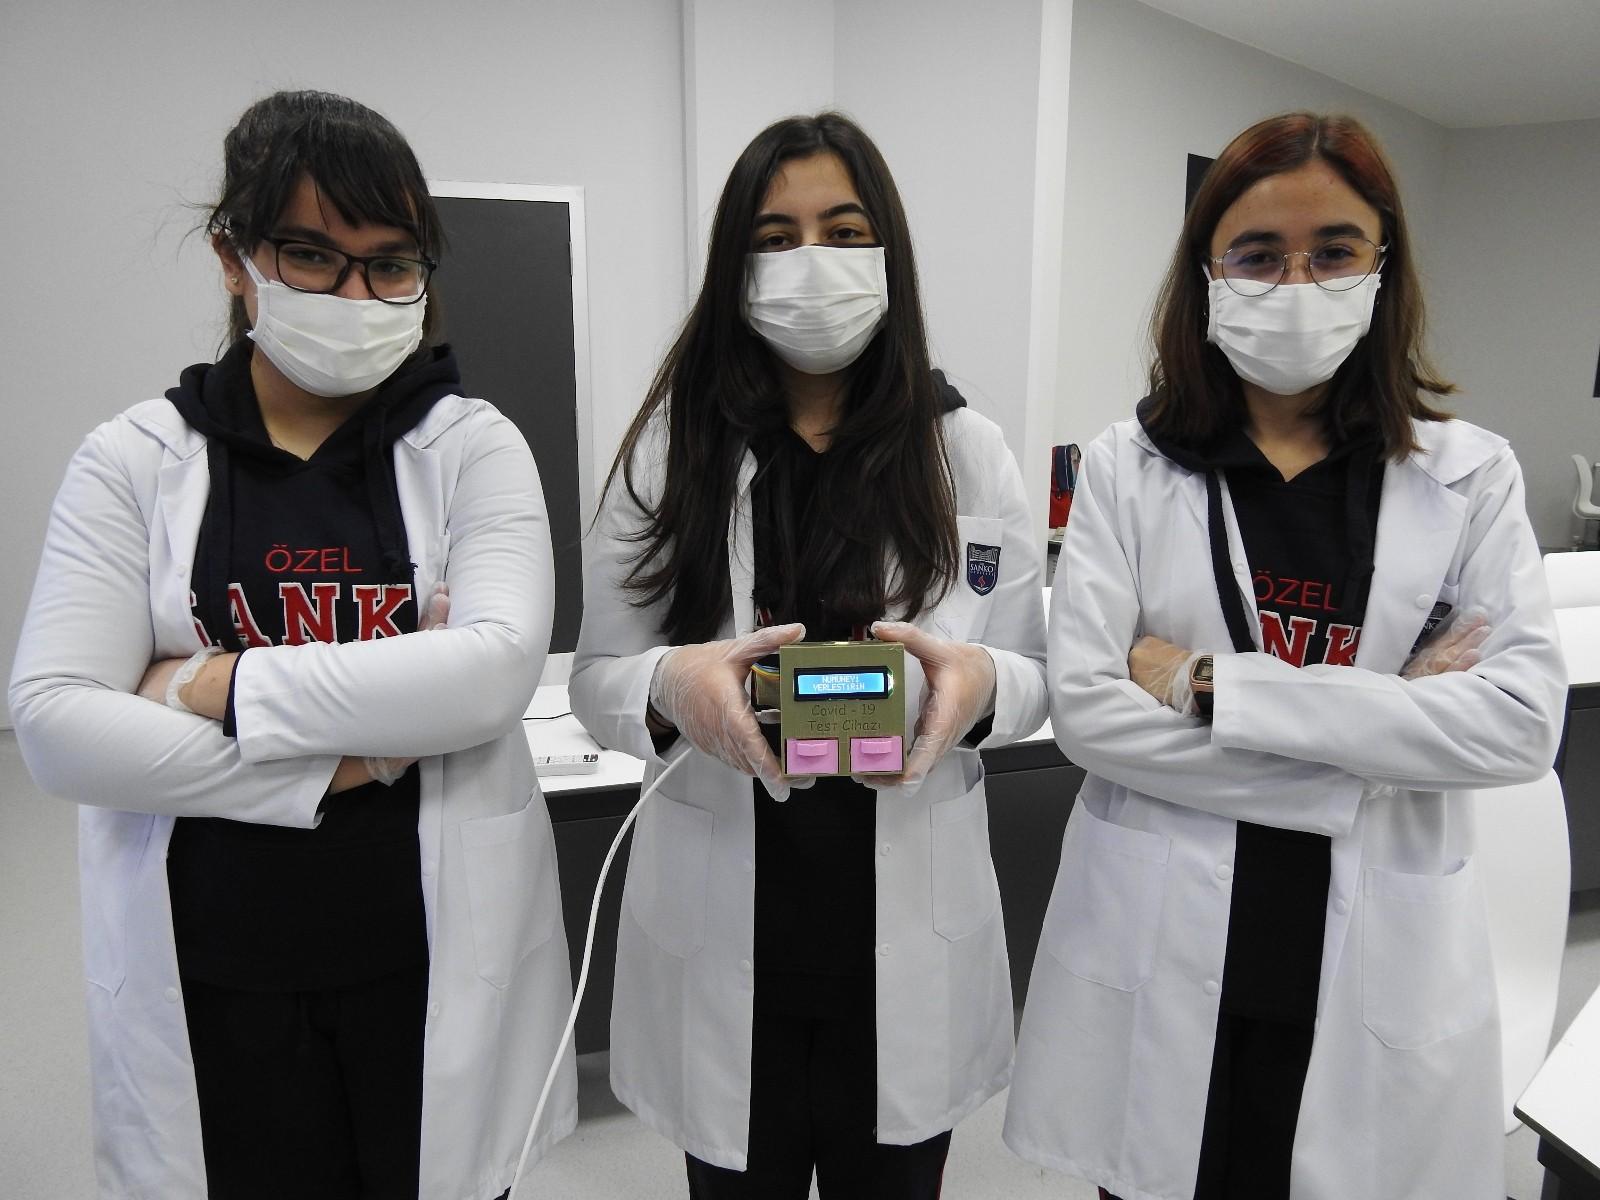 Öğrencilerden 5 dakikada Covid-19 test sonucu veren cihaz